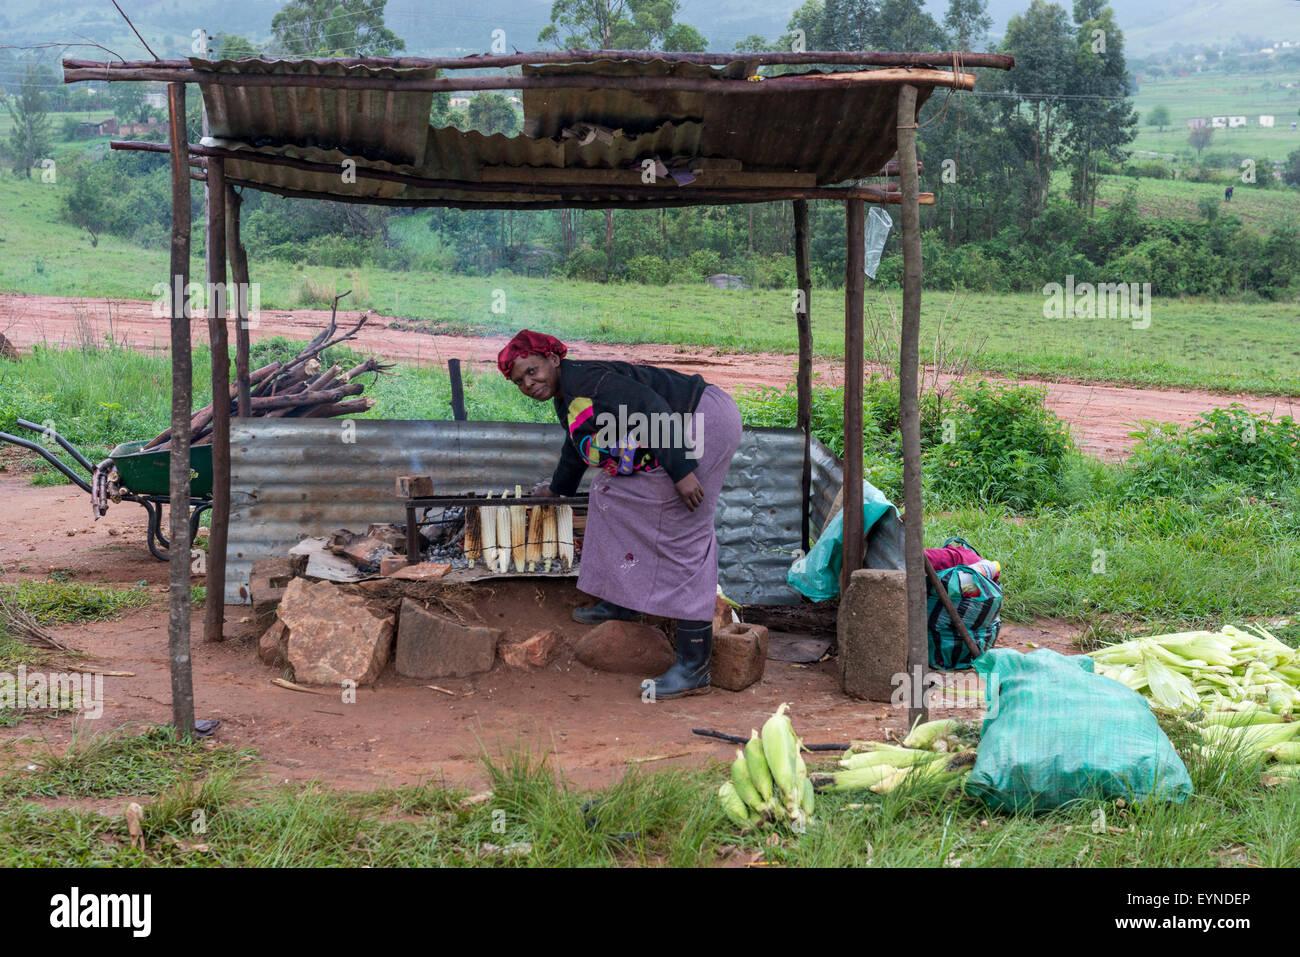 Una mujer asados de mazorcas de maíz dulce a lo largo de una carretera, Mbabane, Swazilandia Foto de stock